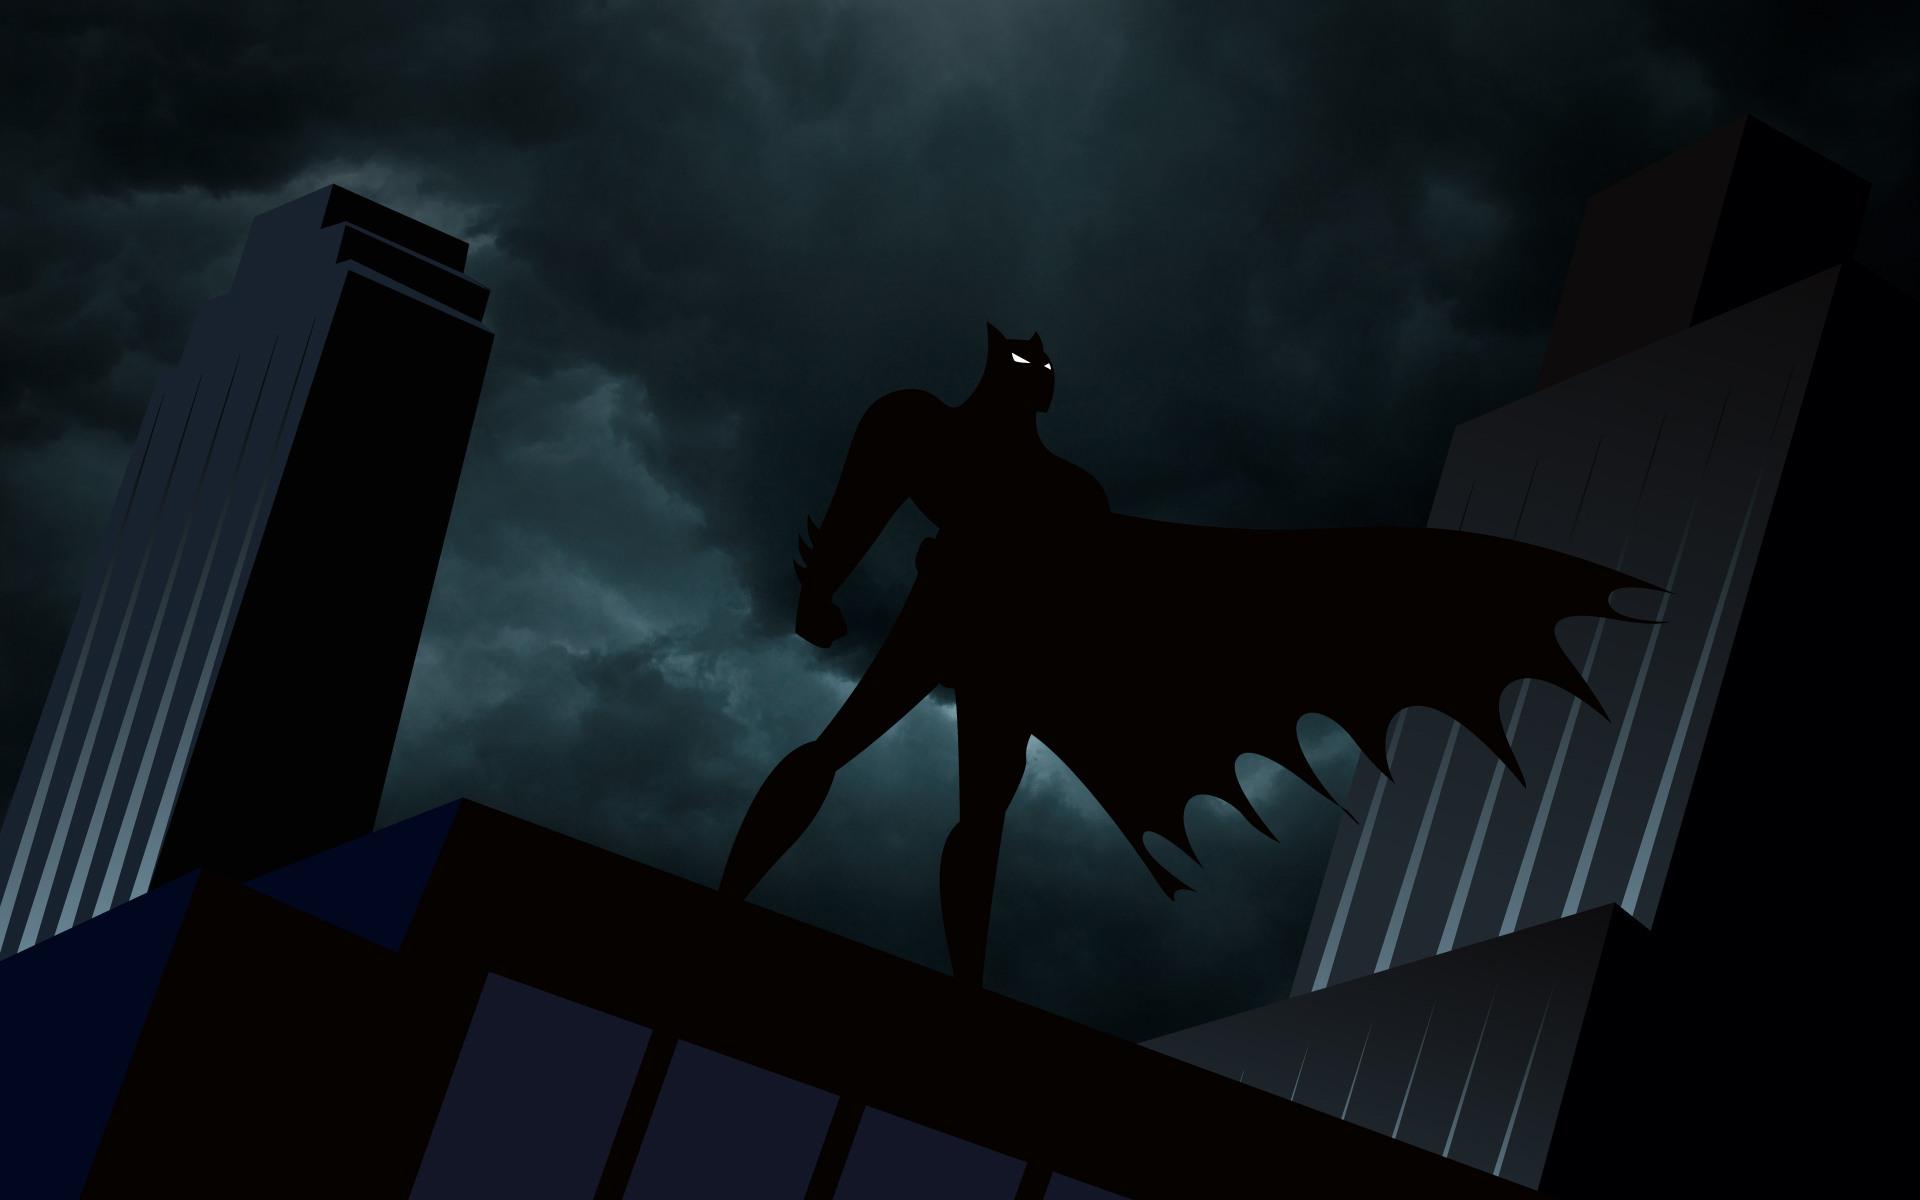 Злобный бэтмен напугал жителей элитного района